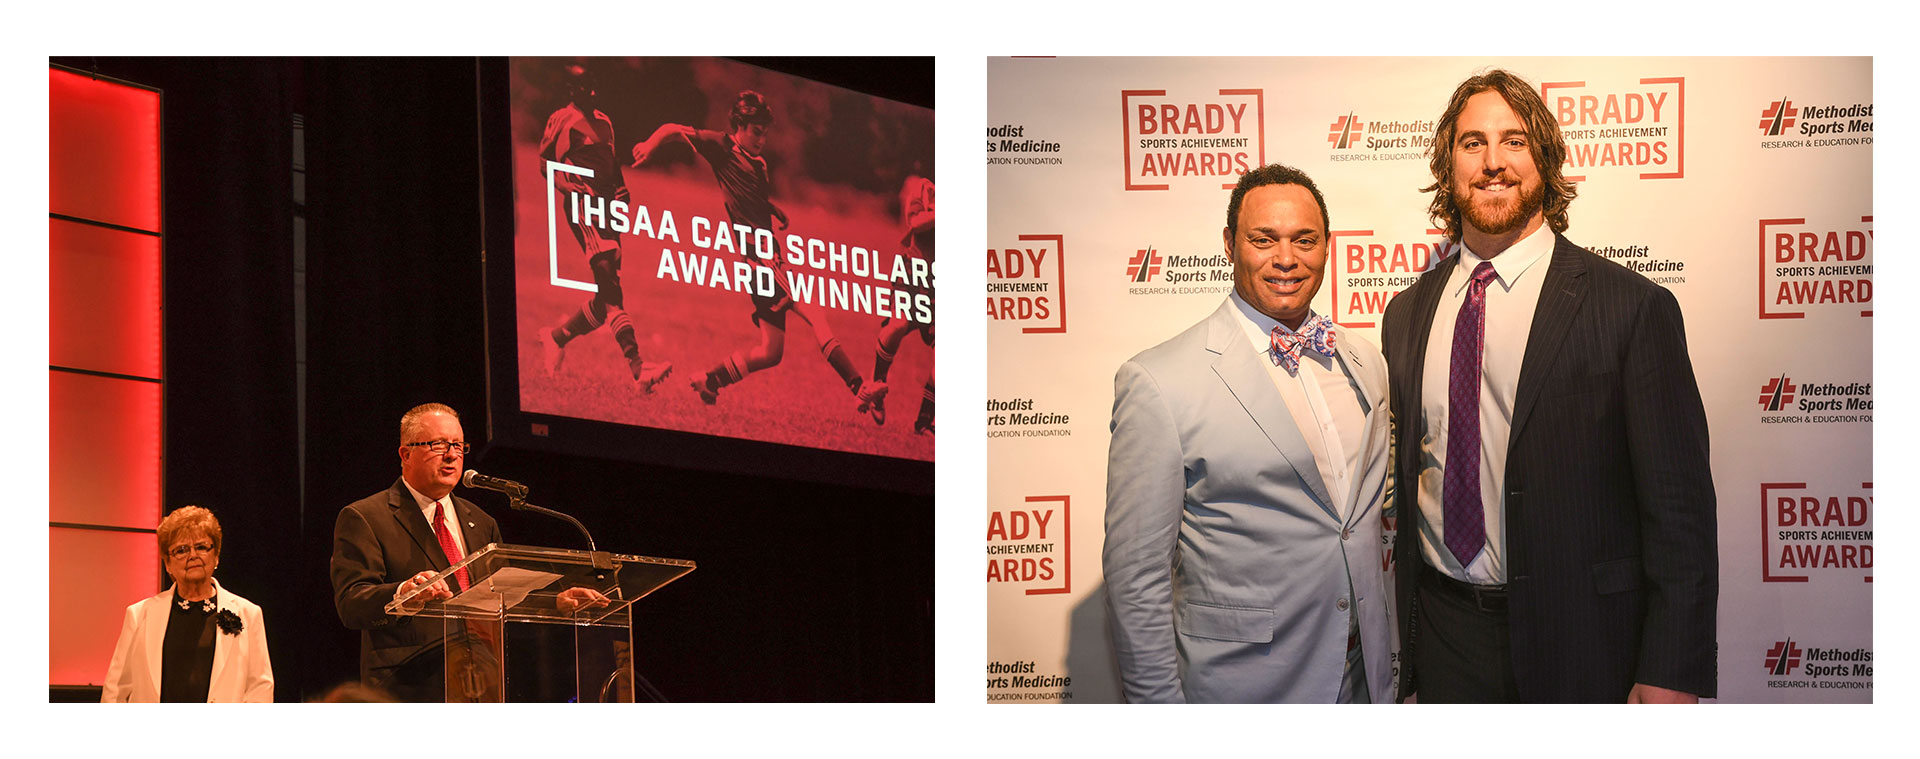 BA CaseStudy Pics3 2019 Brady Sports Achievement Awards